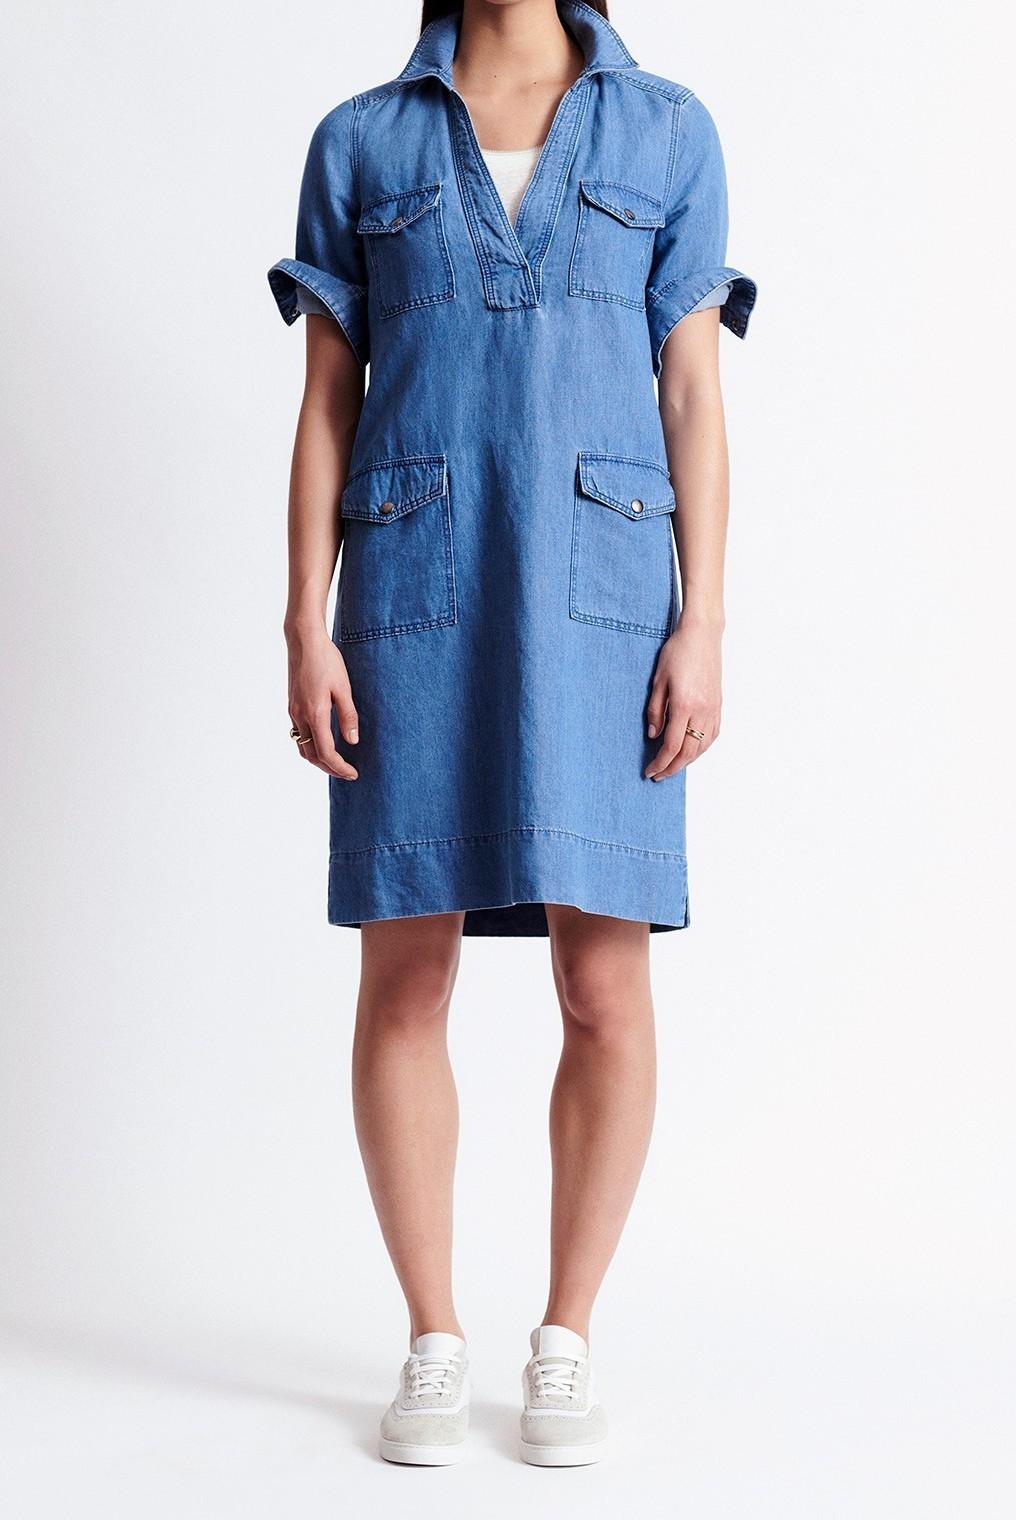 SAMANTHA - короткое джинсовое платье-рубашка